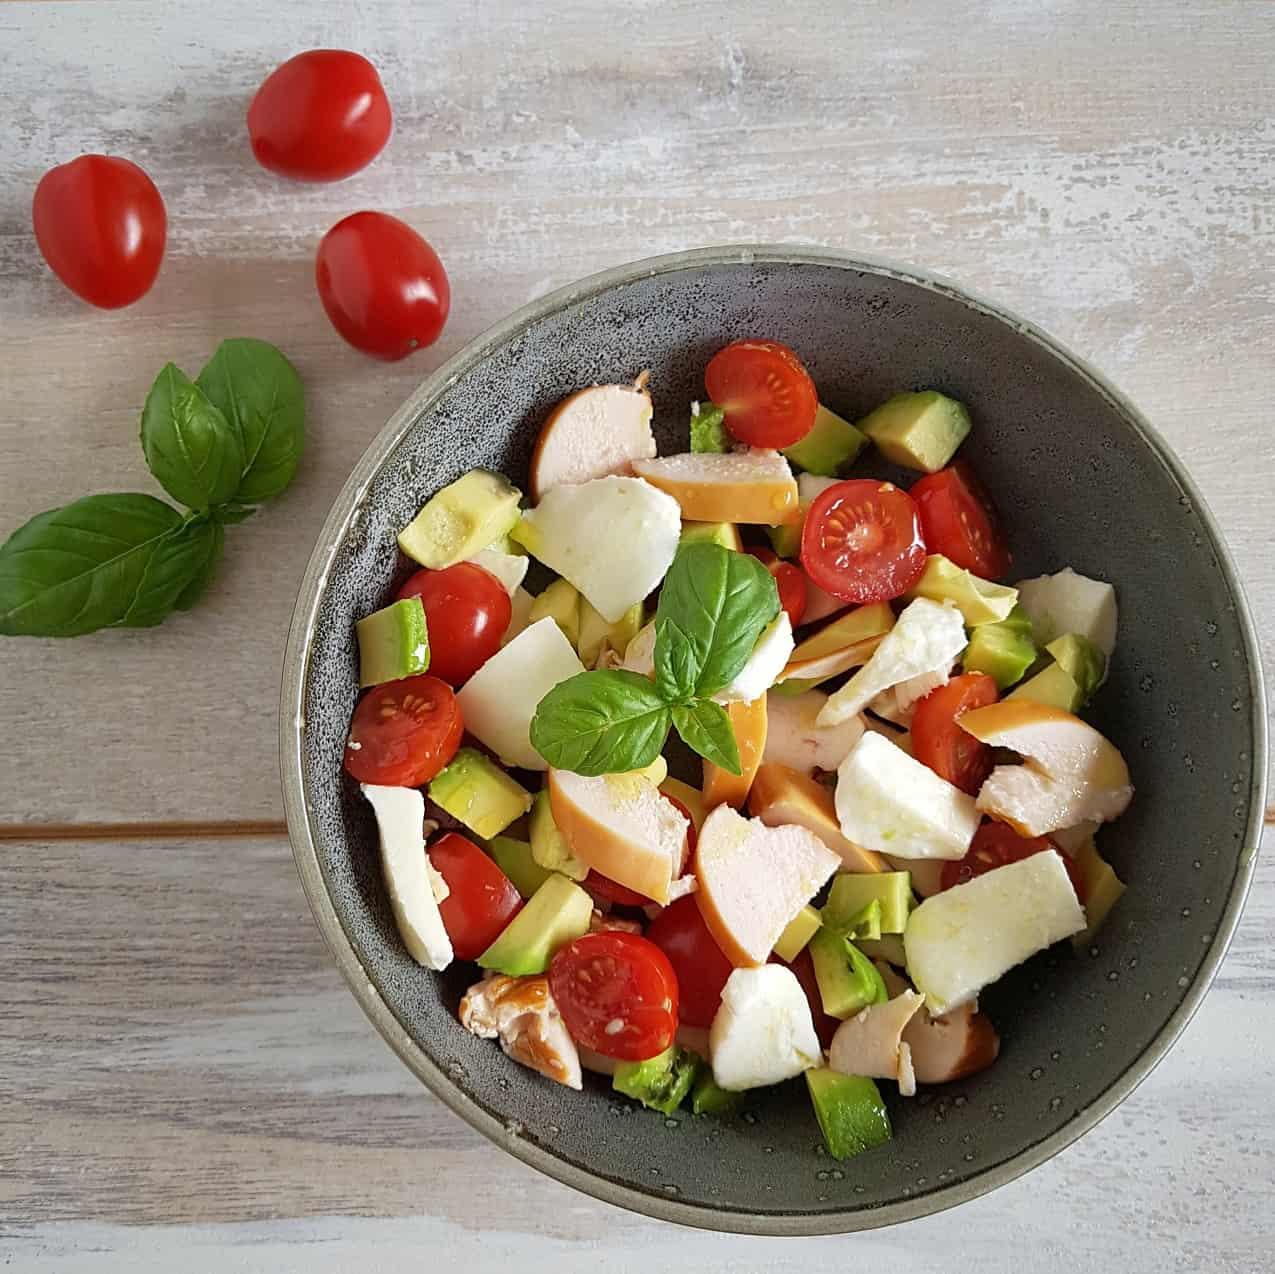 Salade met gerookte kip, avocado en mozzarella